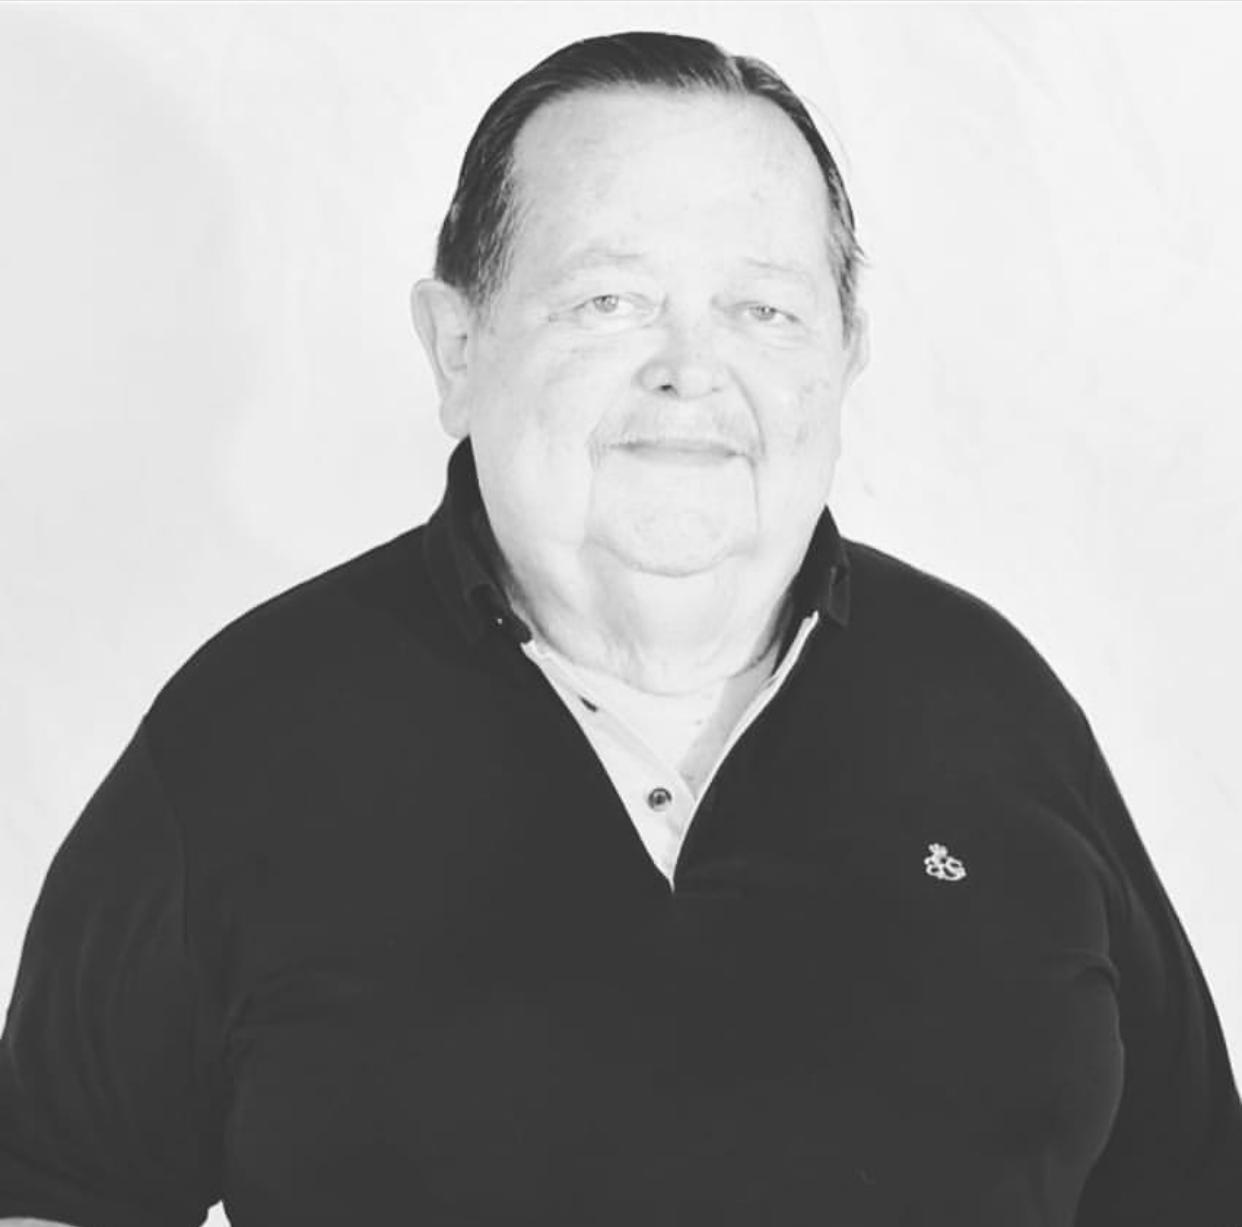 Políticos lamentam morte do ex-prefeito Robert Freitas por covid-19